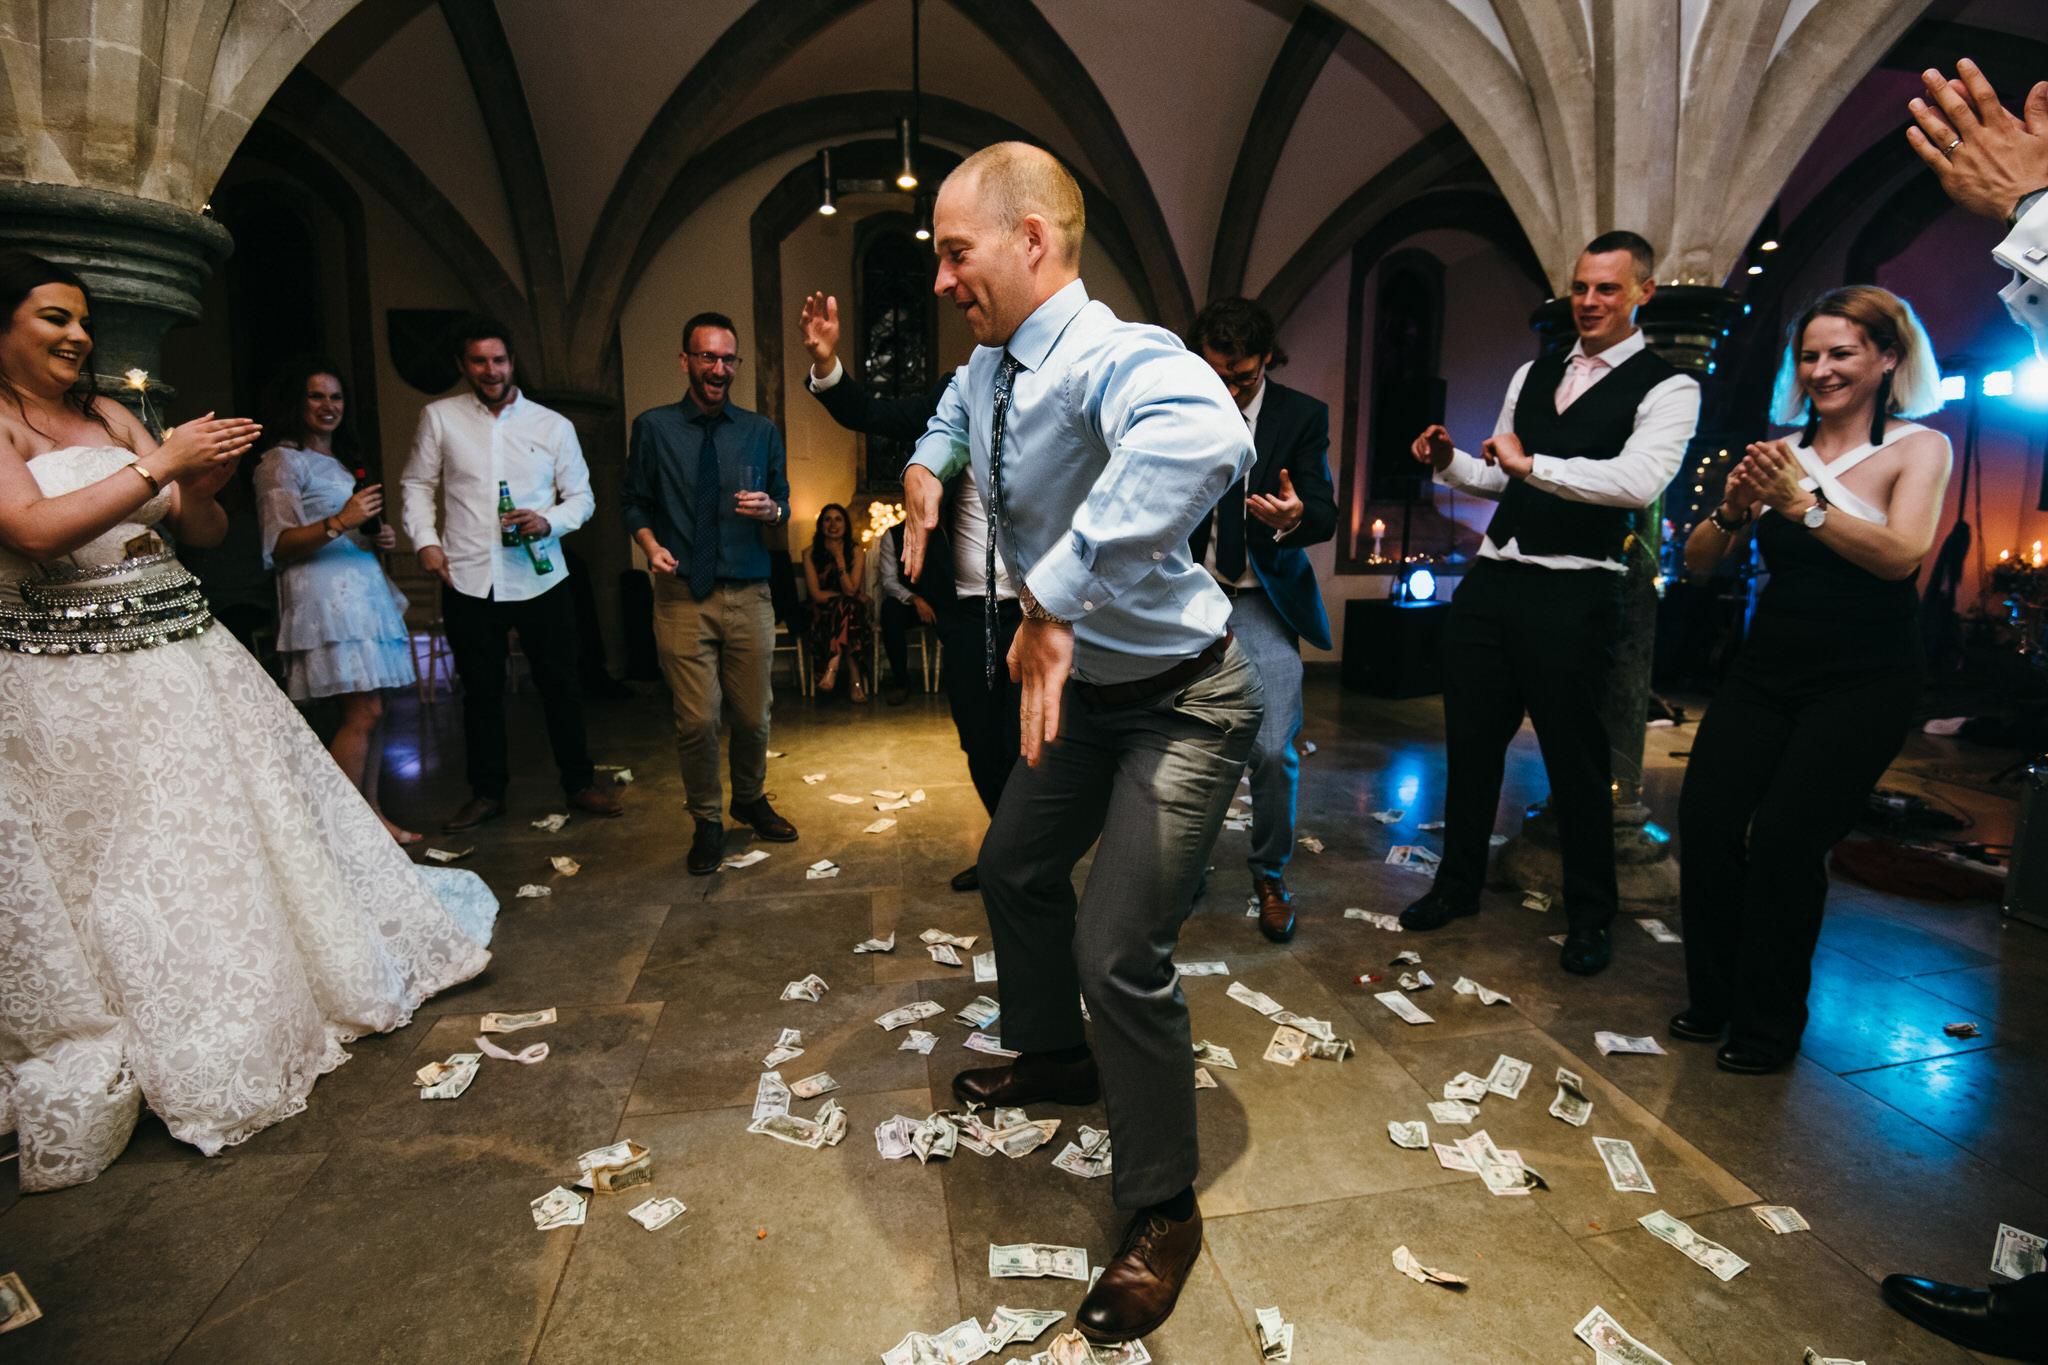 Funny dancing at Bishops Palace wedding